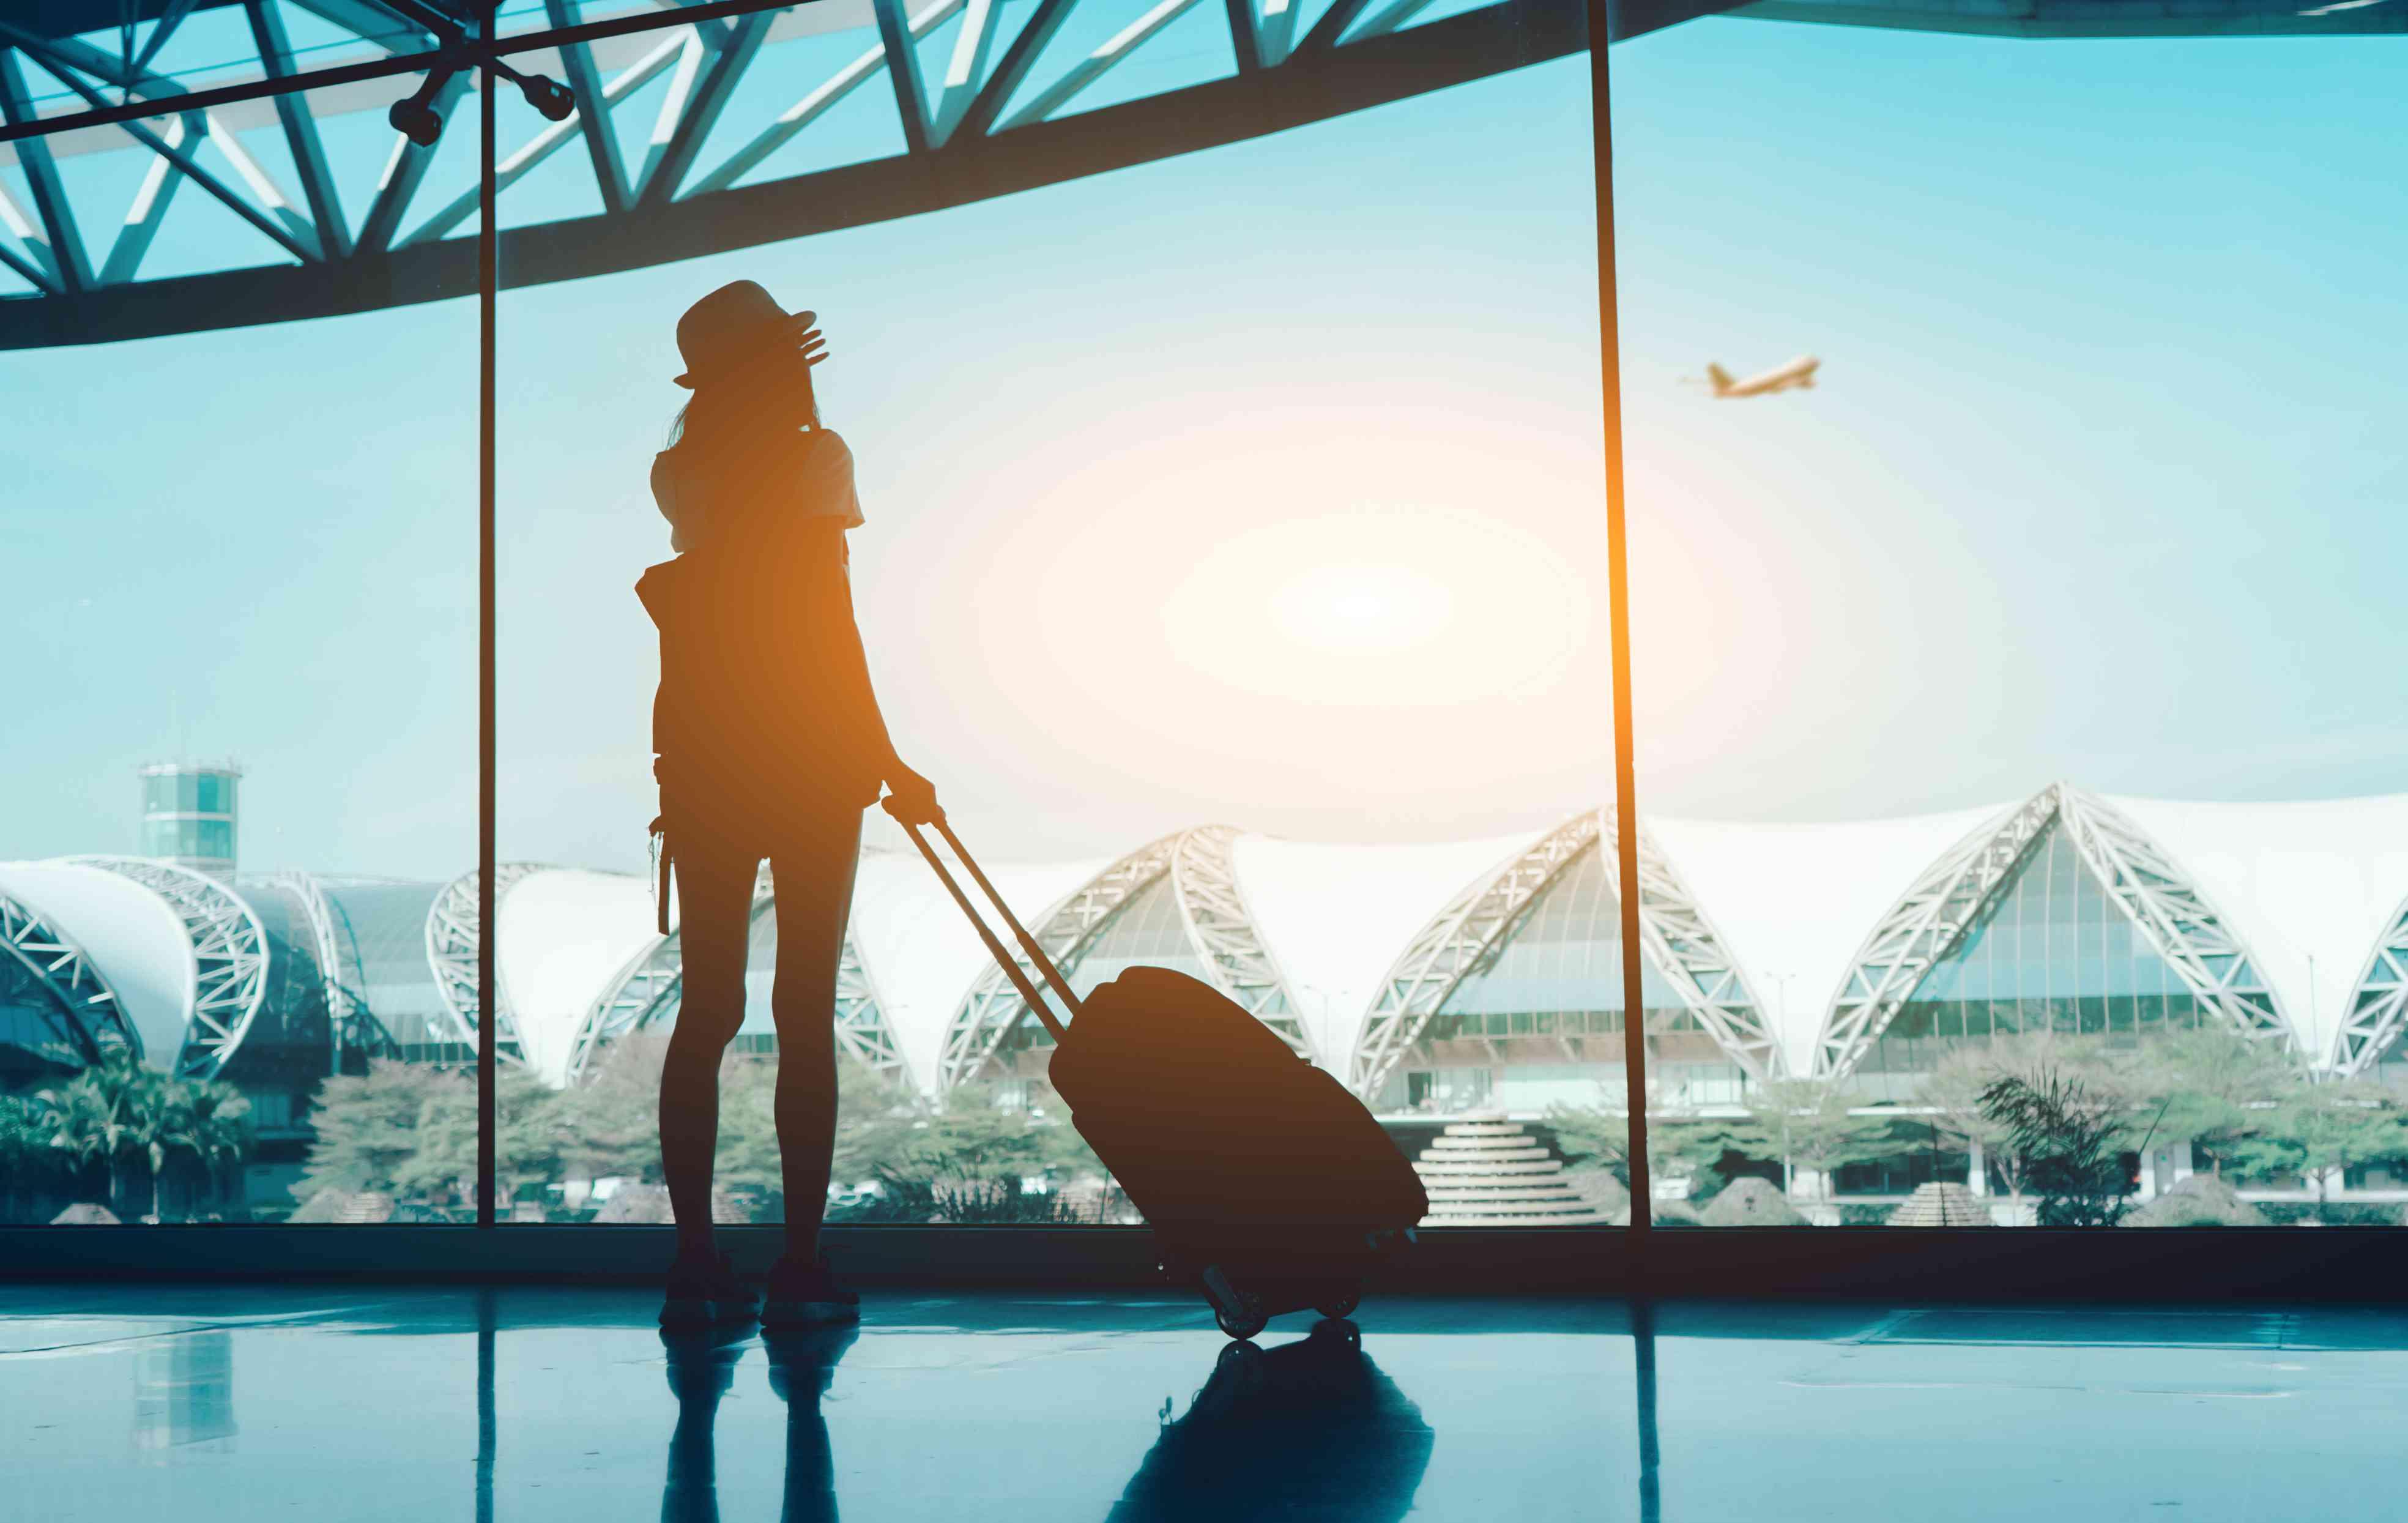 74adbced99 Travel Interior Design - Best Design Locations Around the World